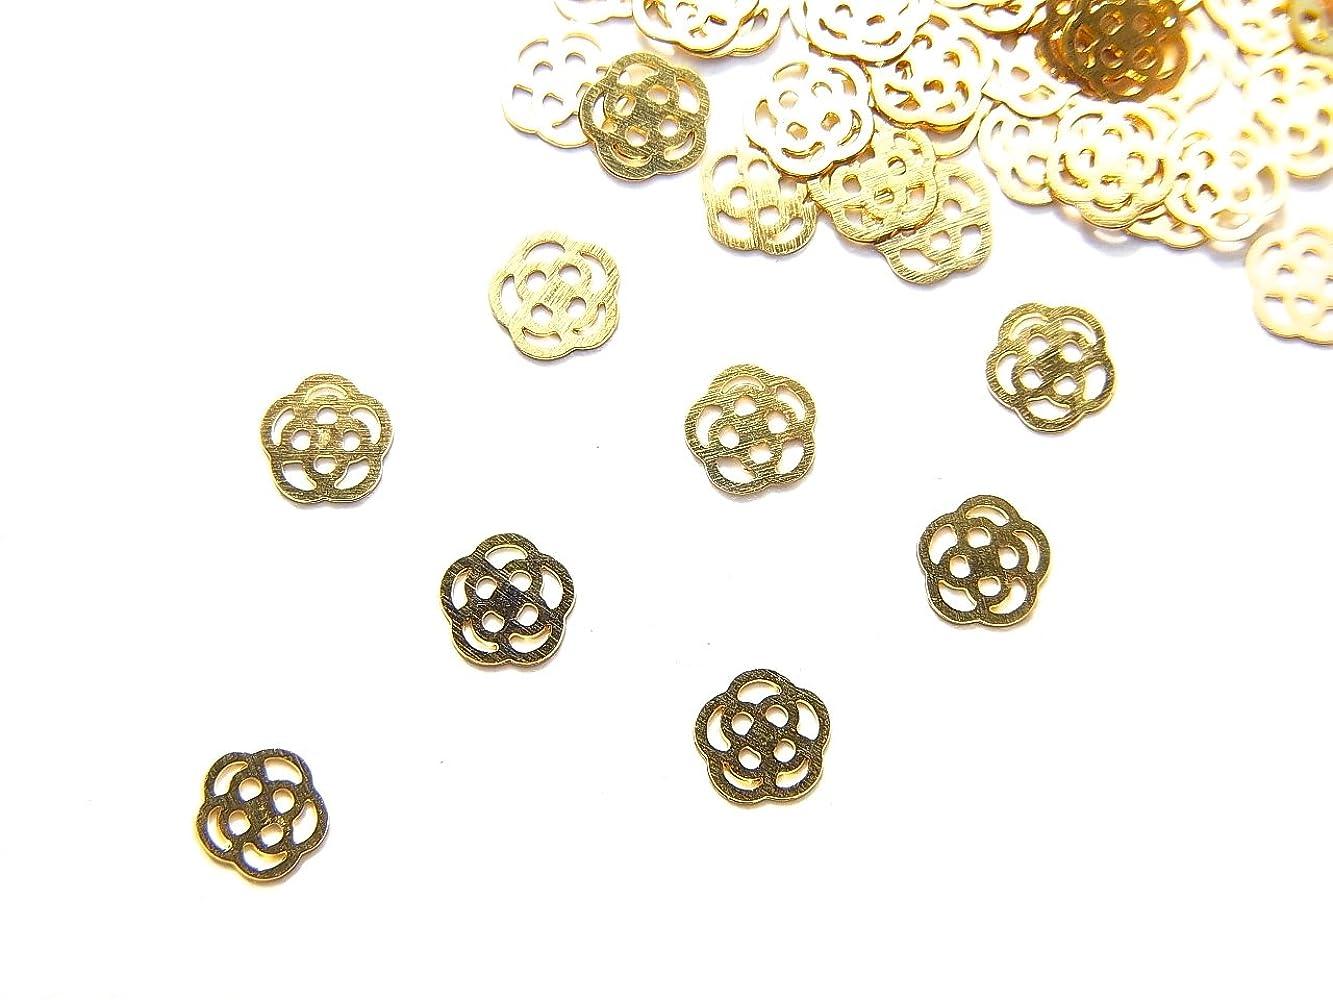 スキニーインフレーション極端な【jewel】ug29 薄型ゴールド メタルパーツ Sサイズ 薔薇 ローズ 10個入り ネイルアートパーツ レジンパーツ